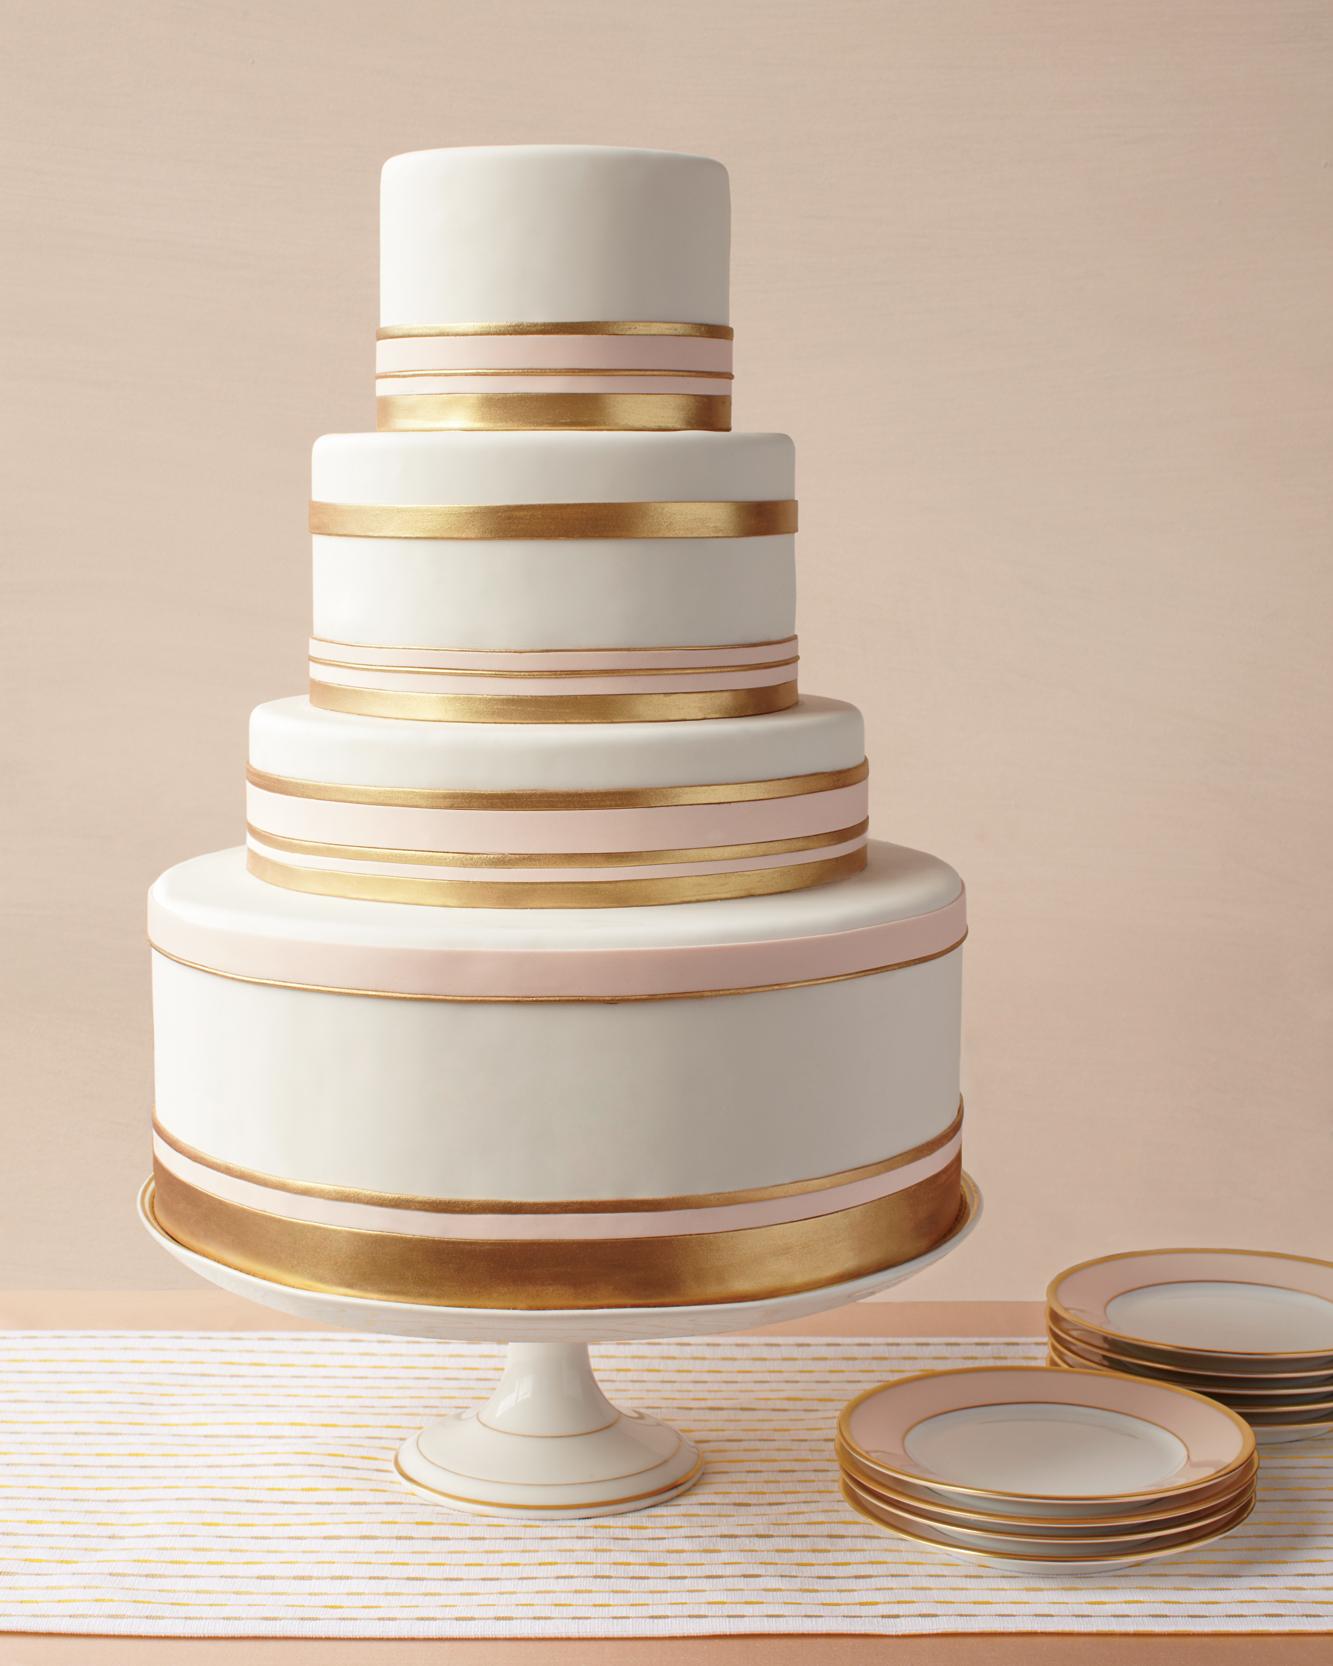 gold-band-cake-mwd107844.jpg